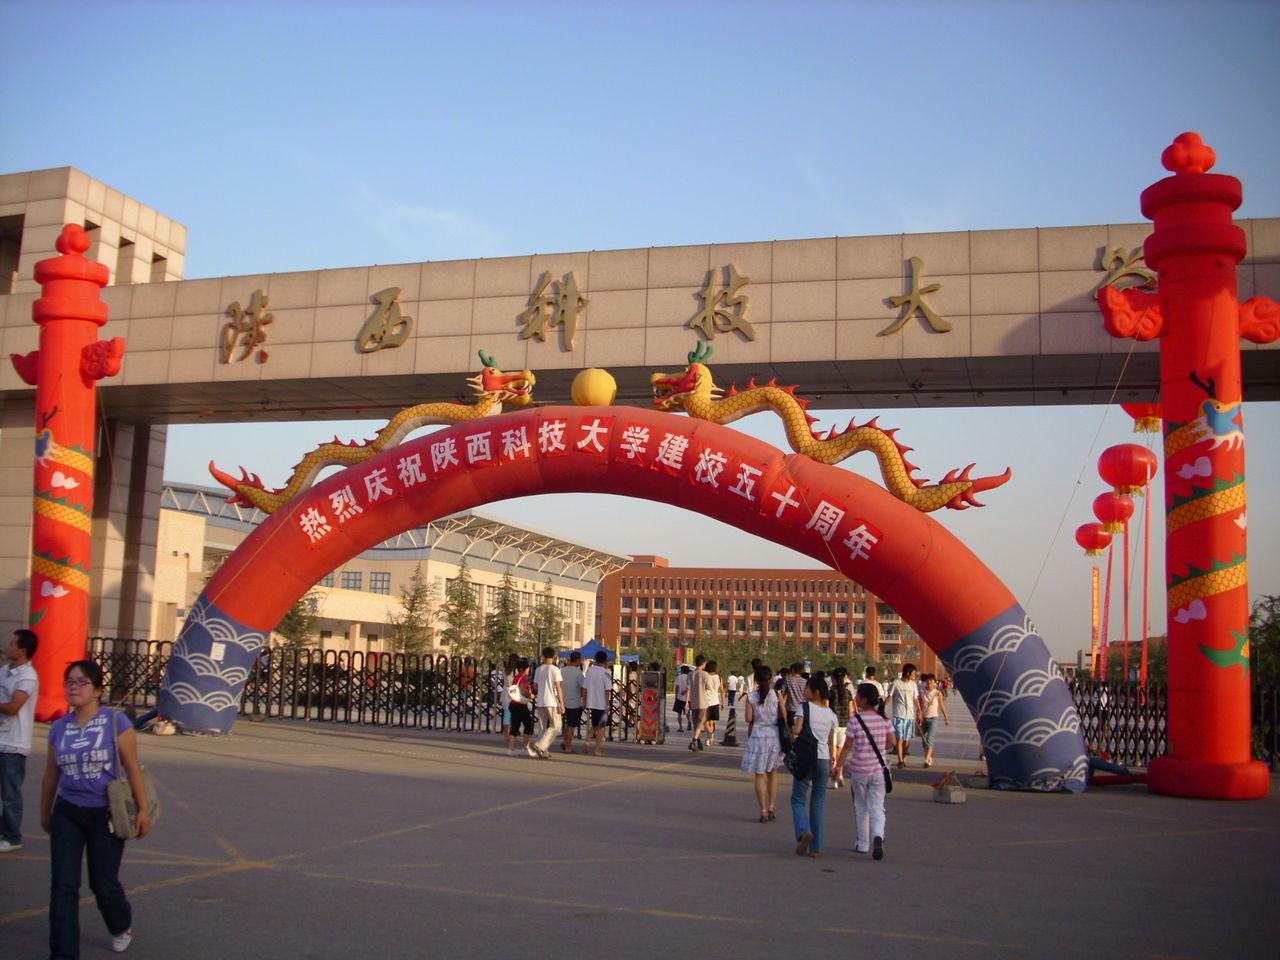 陕西科技大学是几本